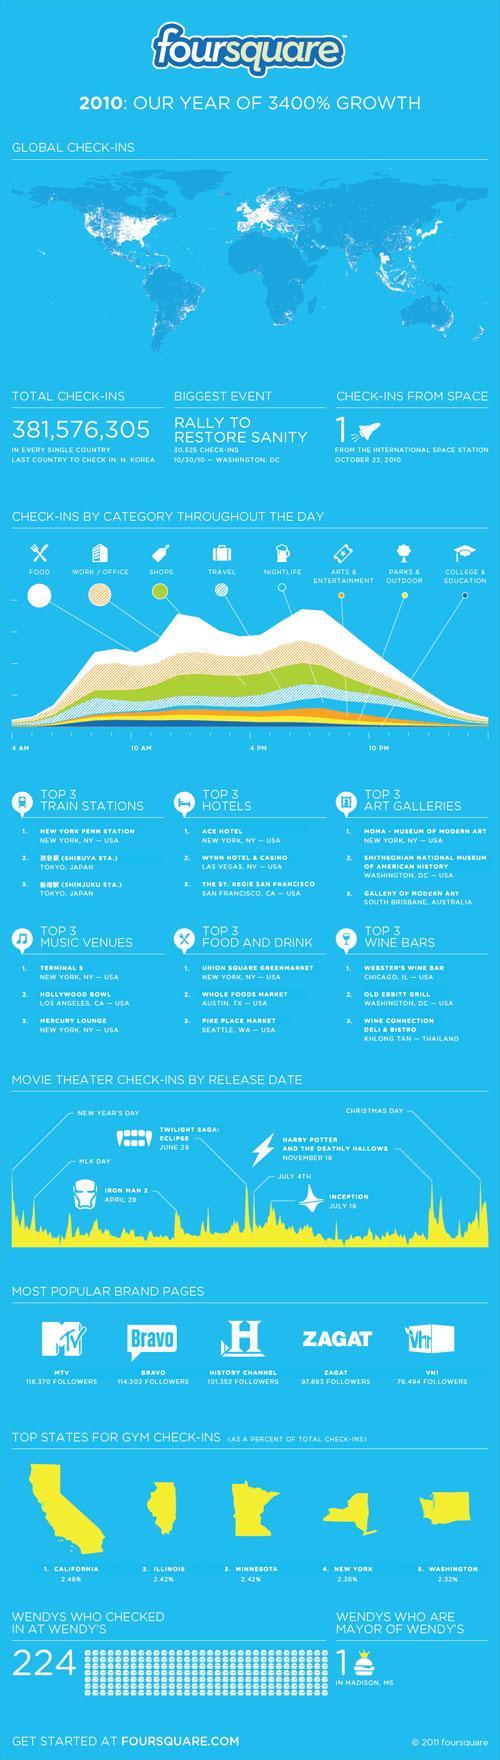 Infographie de Foursquare en 2010